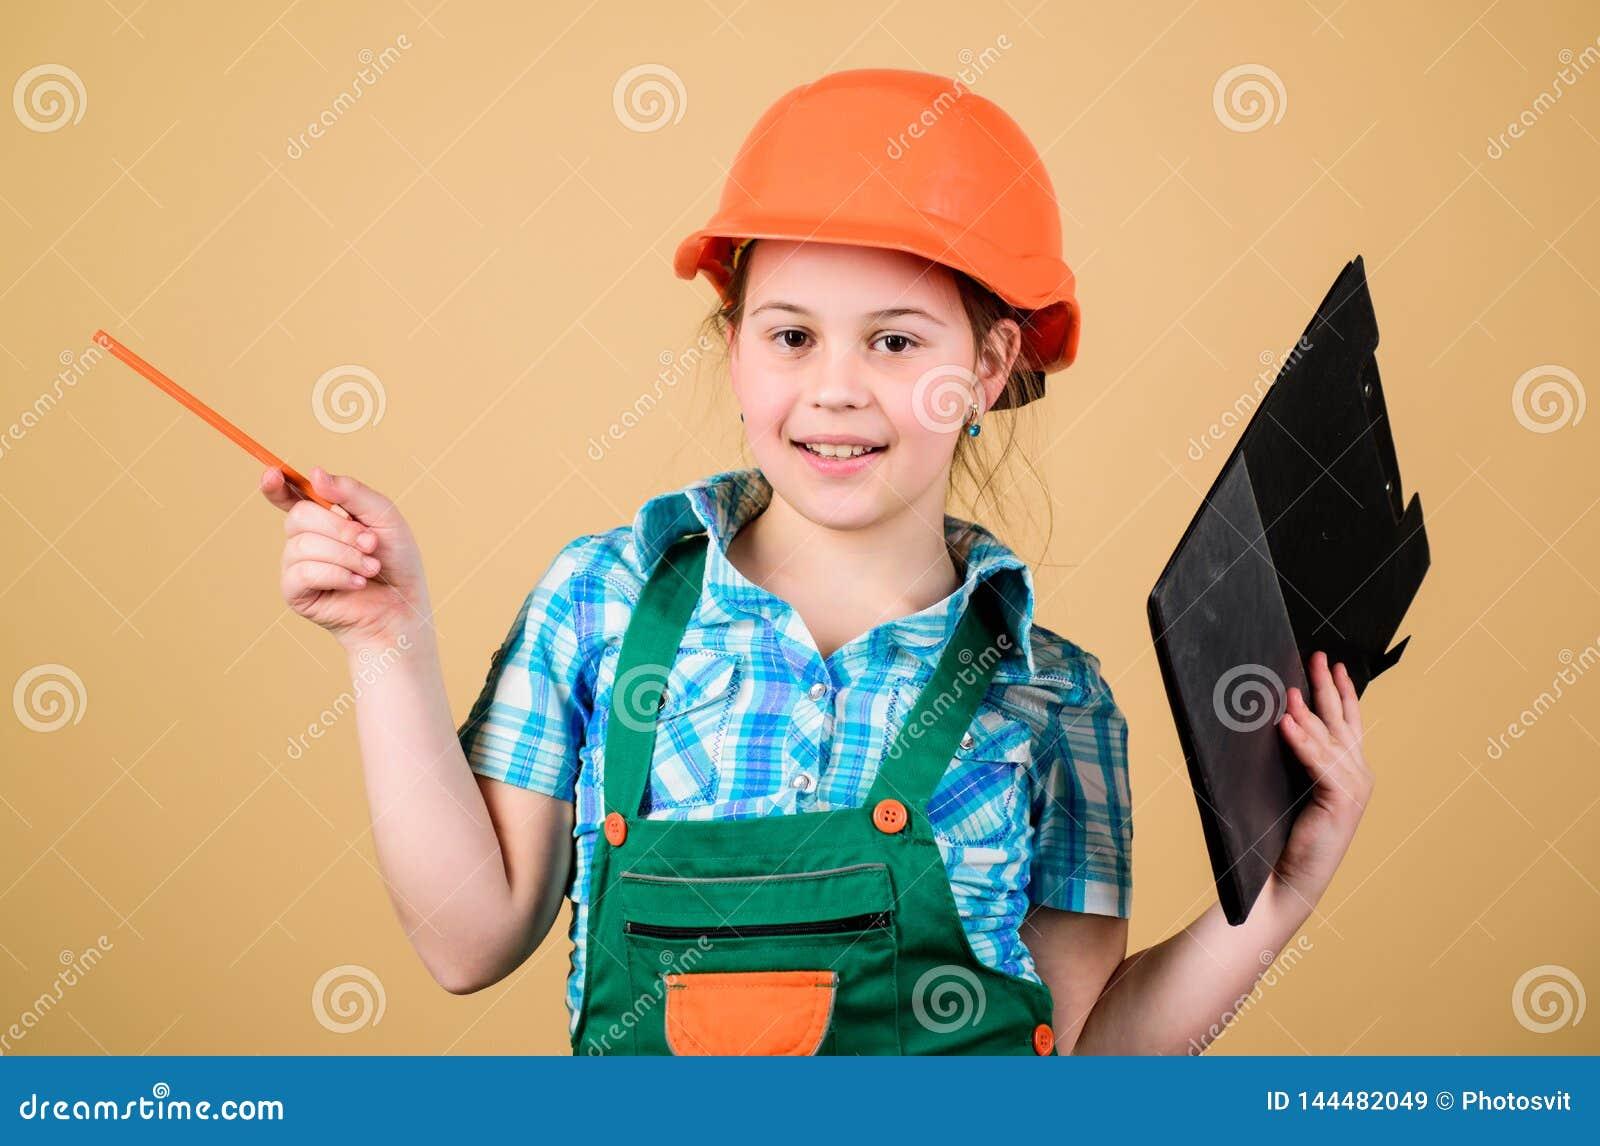 Работа контролером девушка работа для девушек высокооплачиваемая в ставрополе